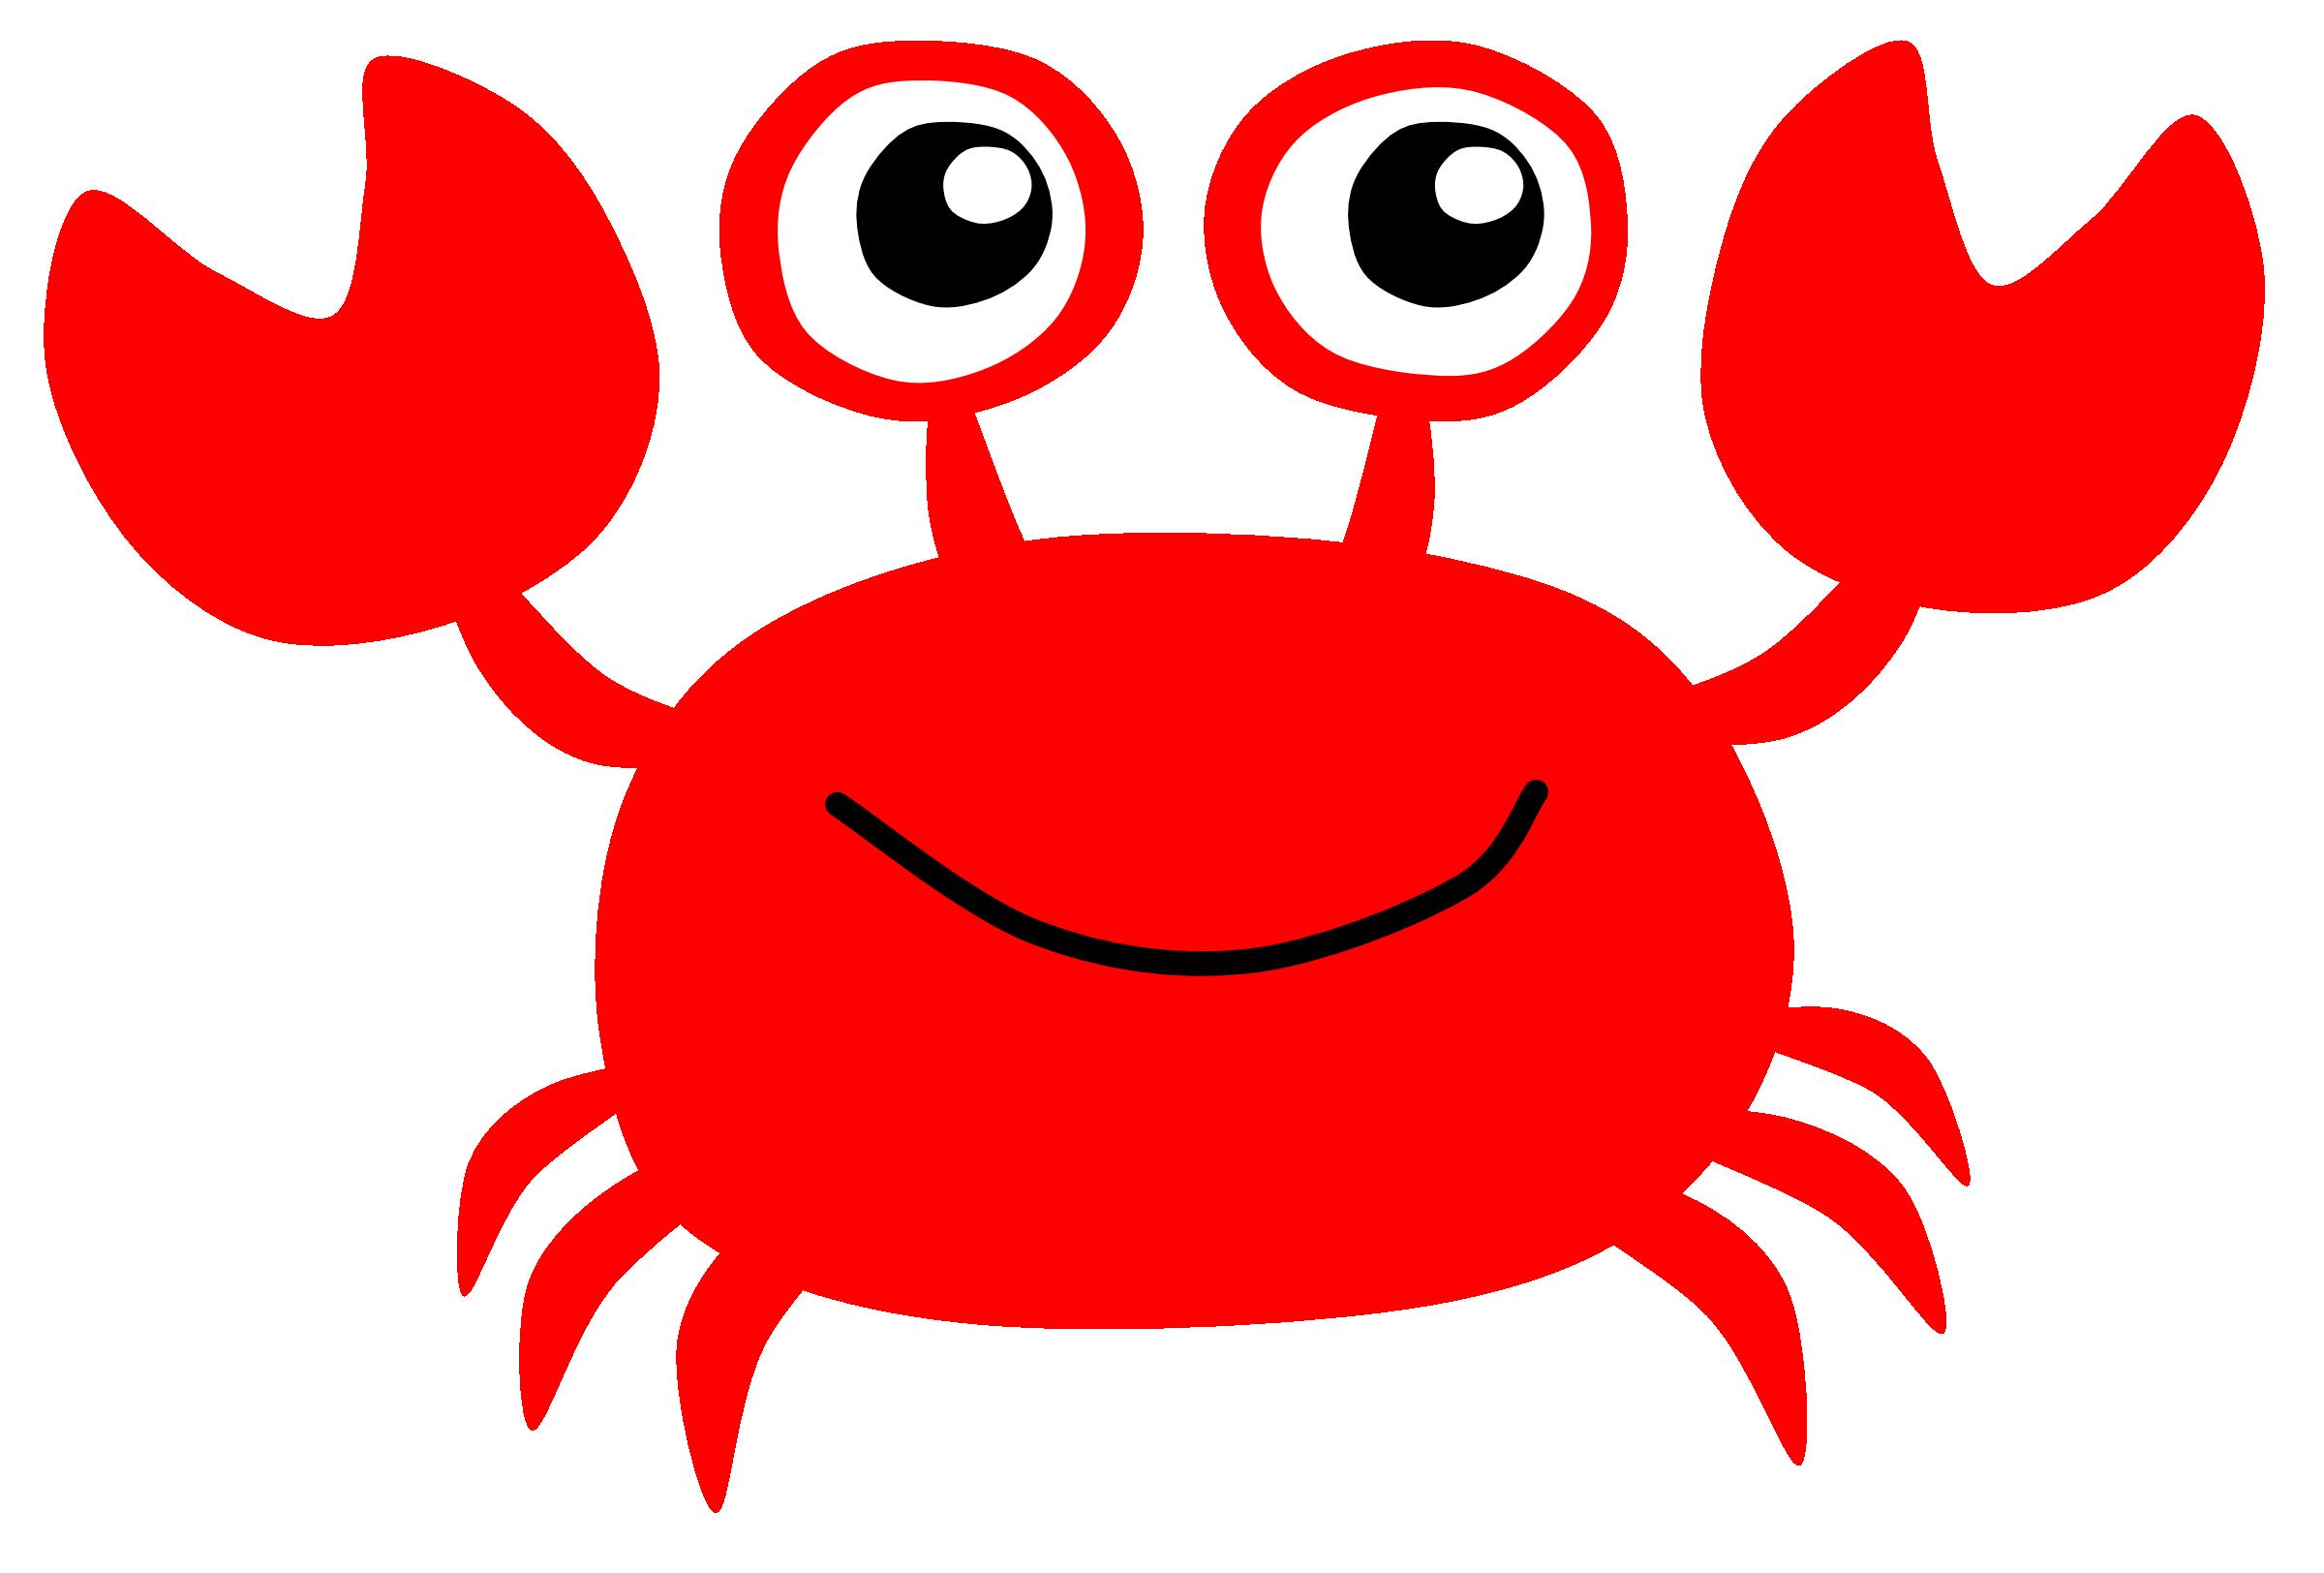 Crabs crab clipart free clip art images -Crabs crab clipart free clip art images clipartwiz-0